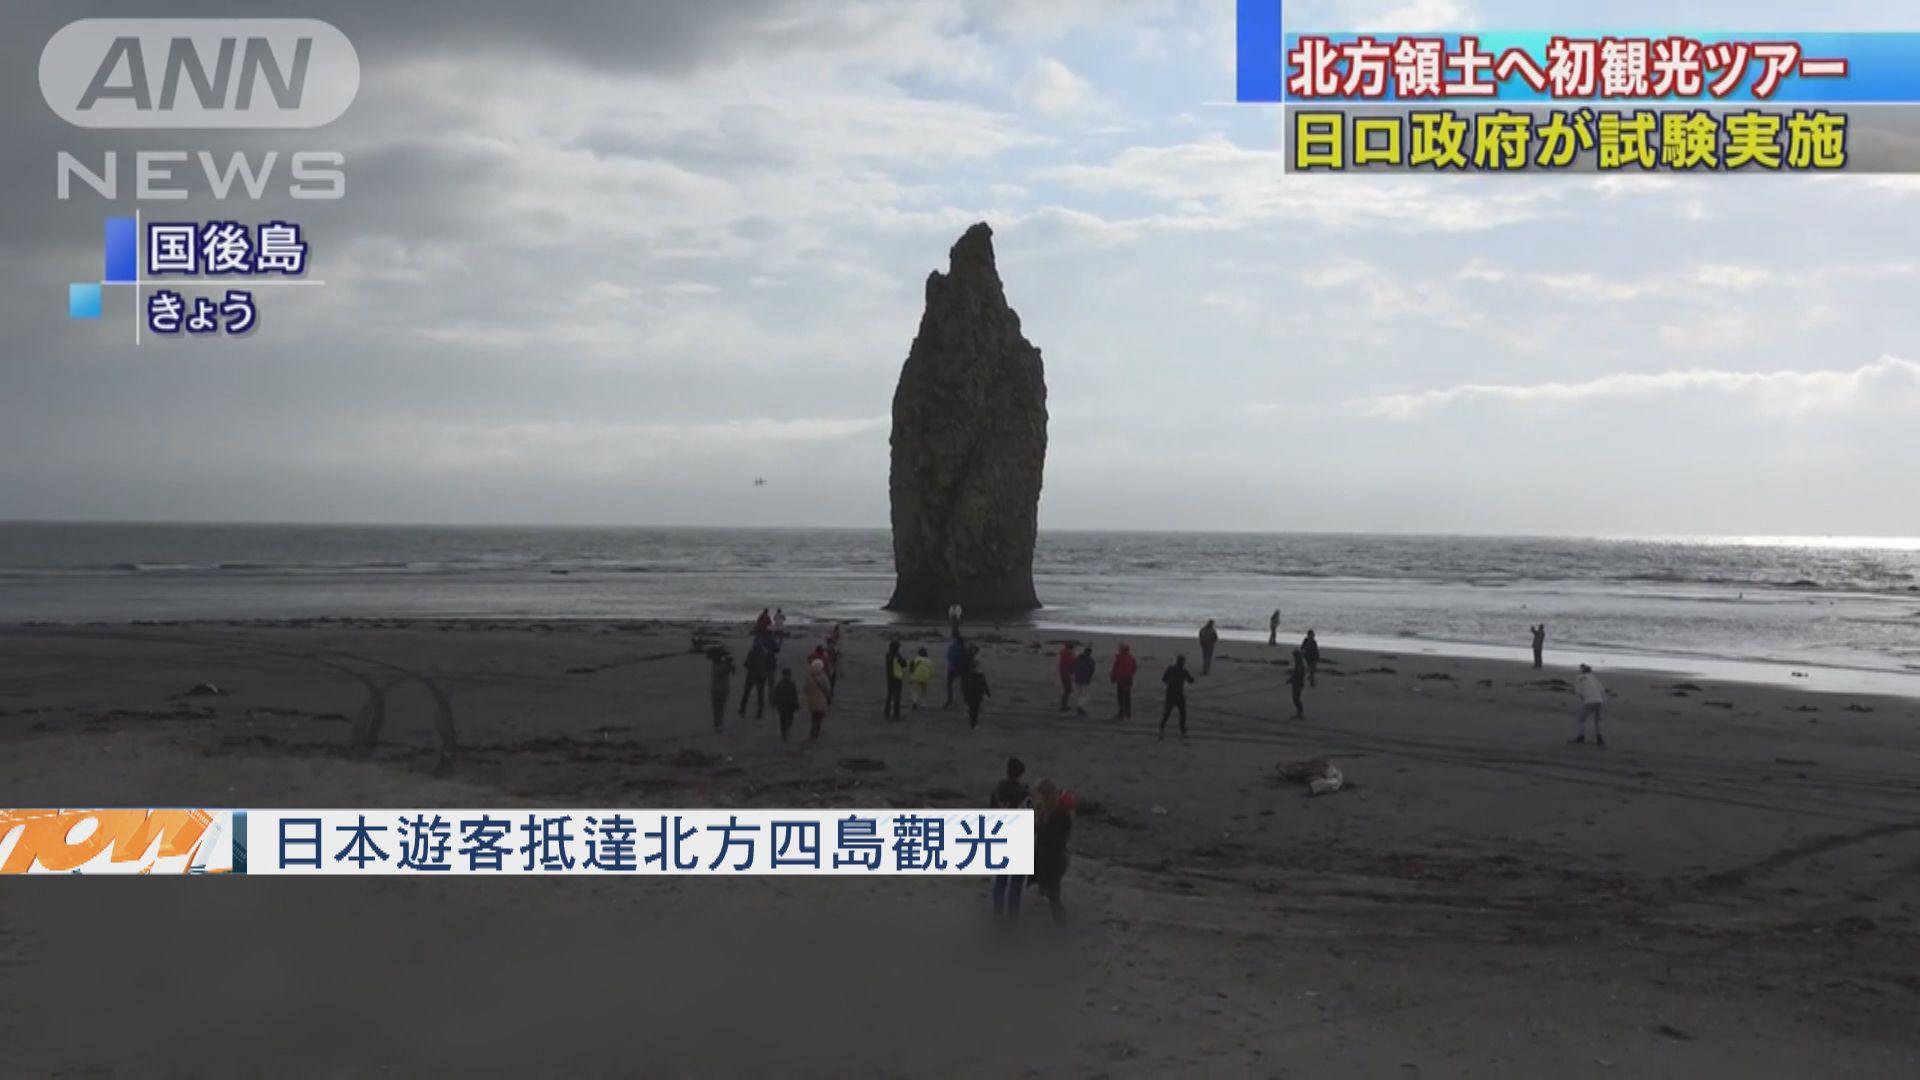 日本遊客抵達日俄主權爭議北方四島觀光